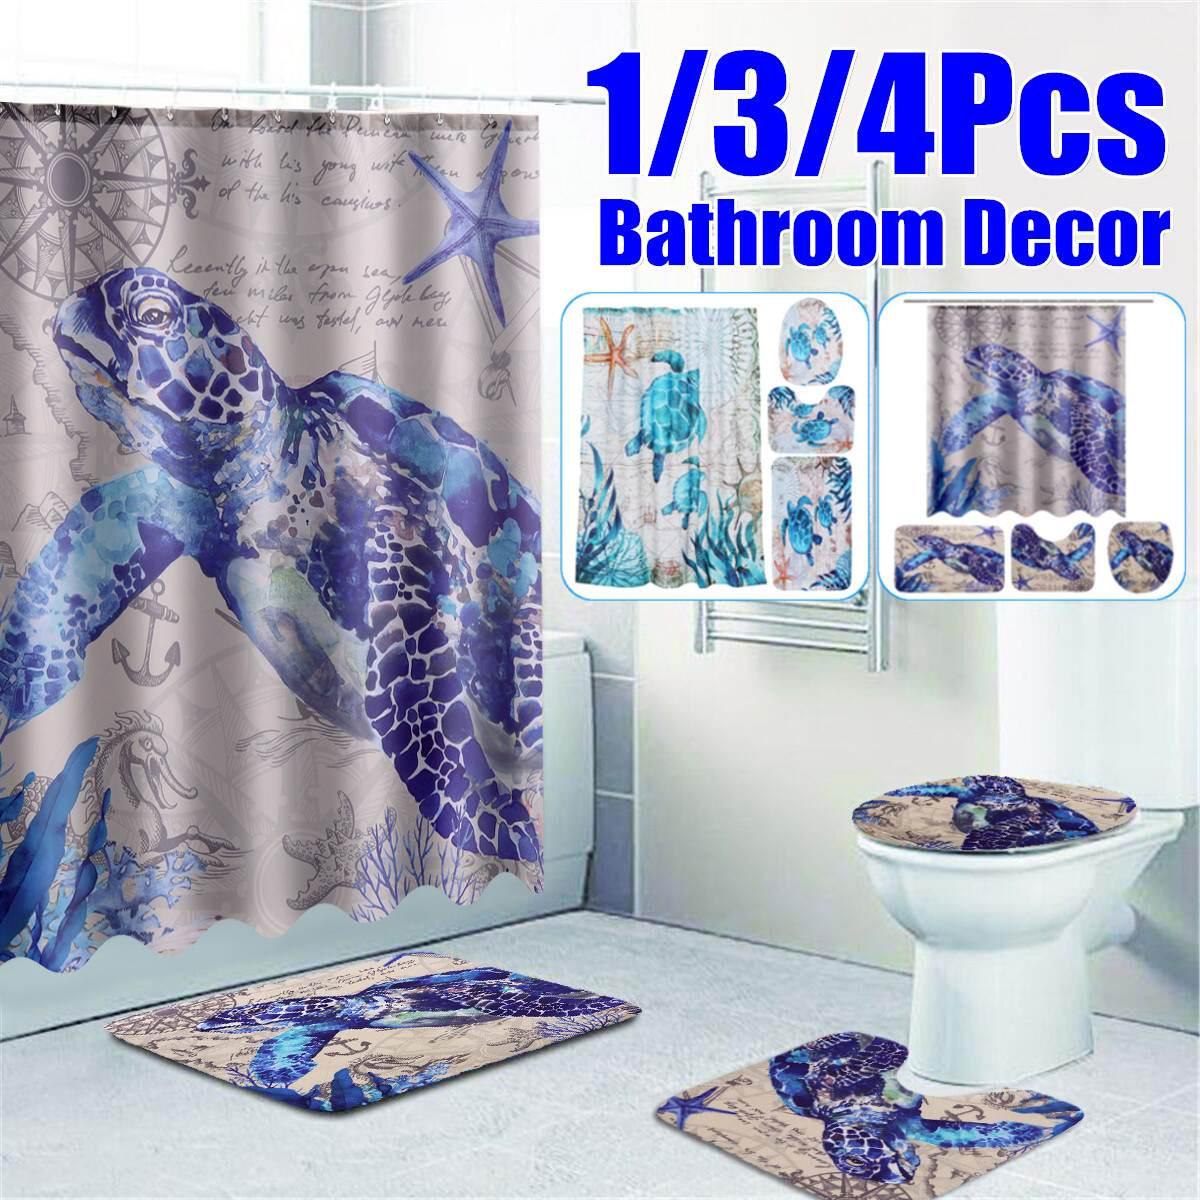 Conjunto 4 en 1 de tortugas marinas, cortina de ducha impermeable, cubierta de inodoro antideslizante, alfombra de baño, Set de decoración para el baño de 180*180CM